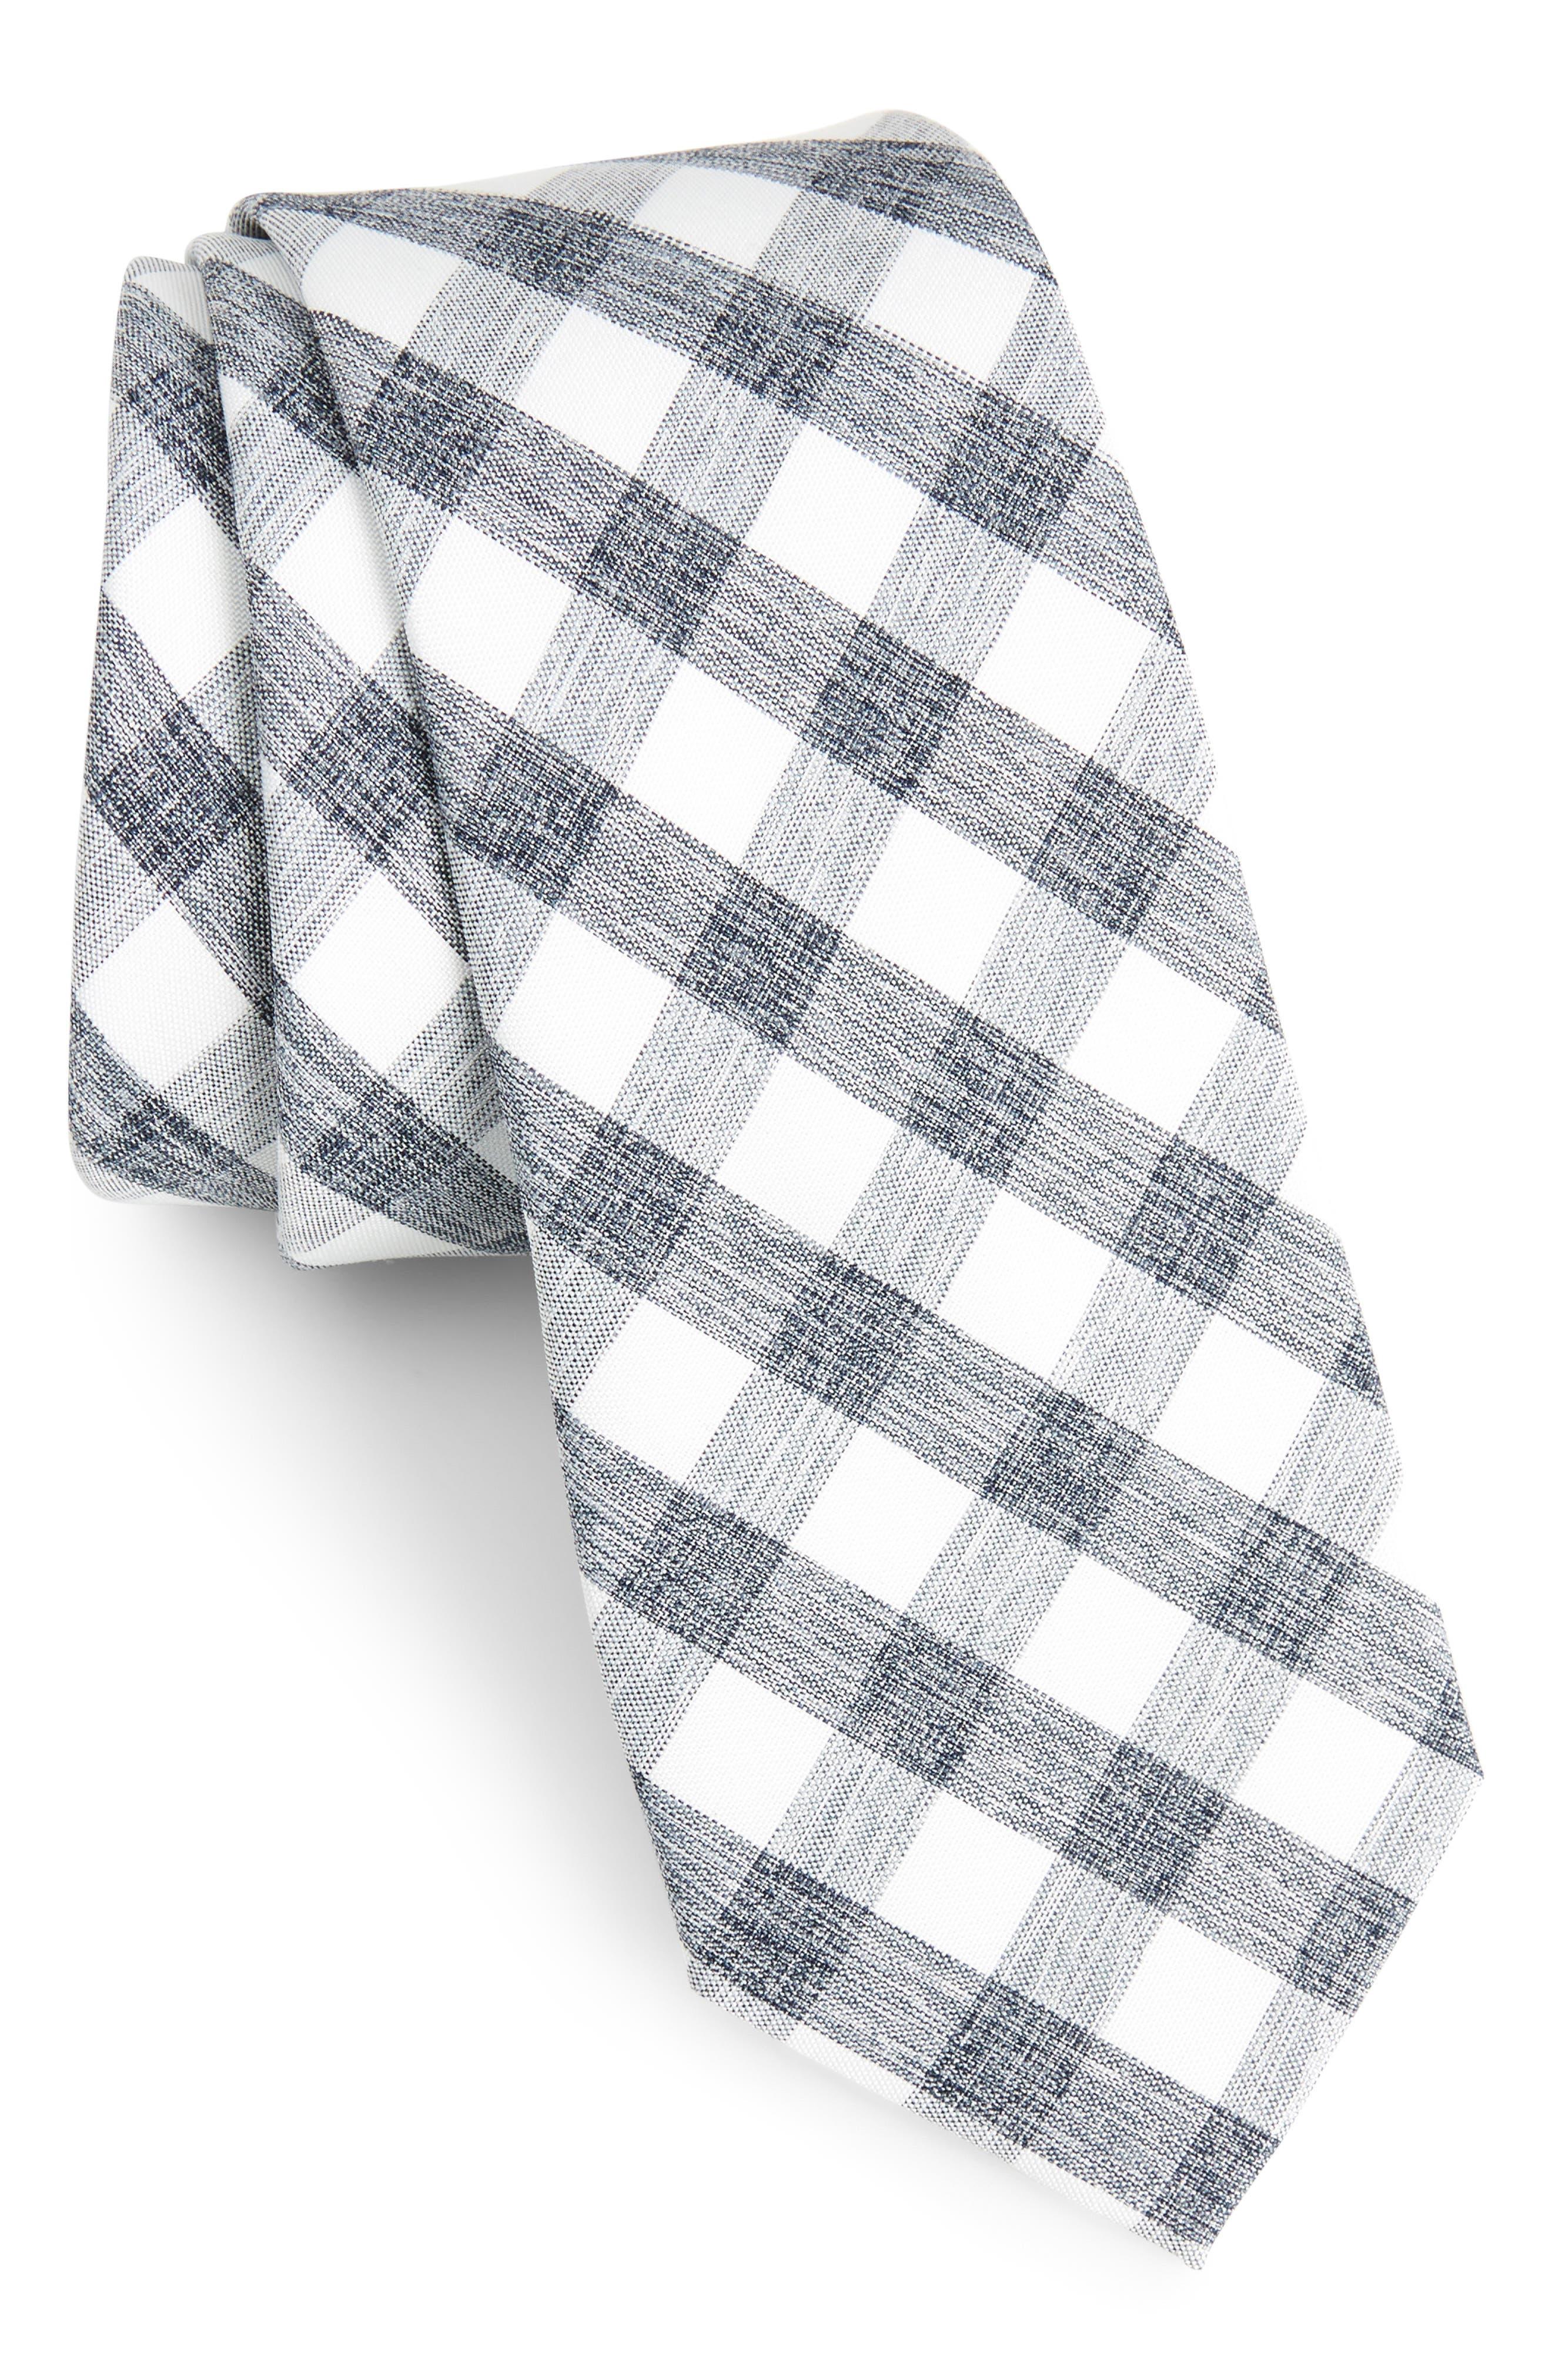 Larkin Check Cotton Tie,                             Main thumbnail 1, color,                             001